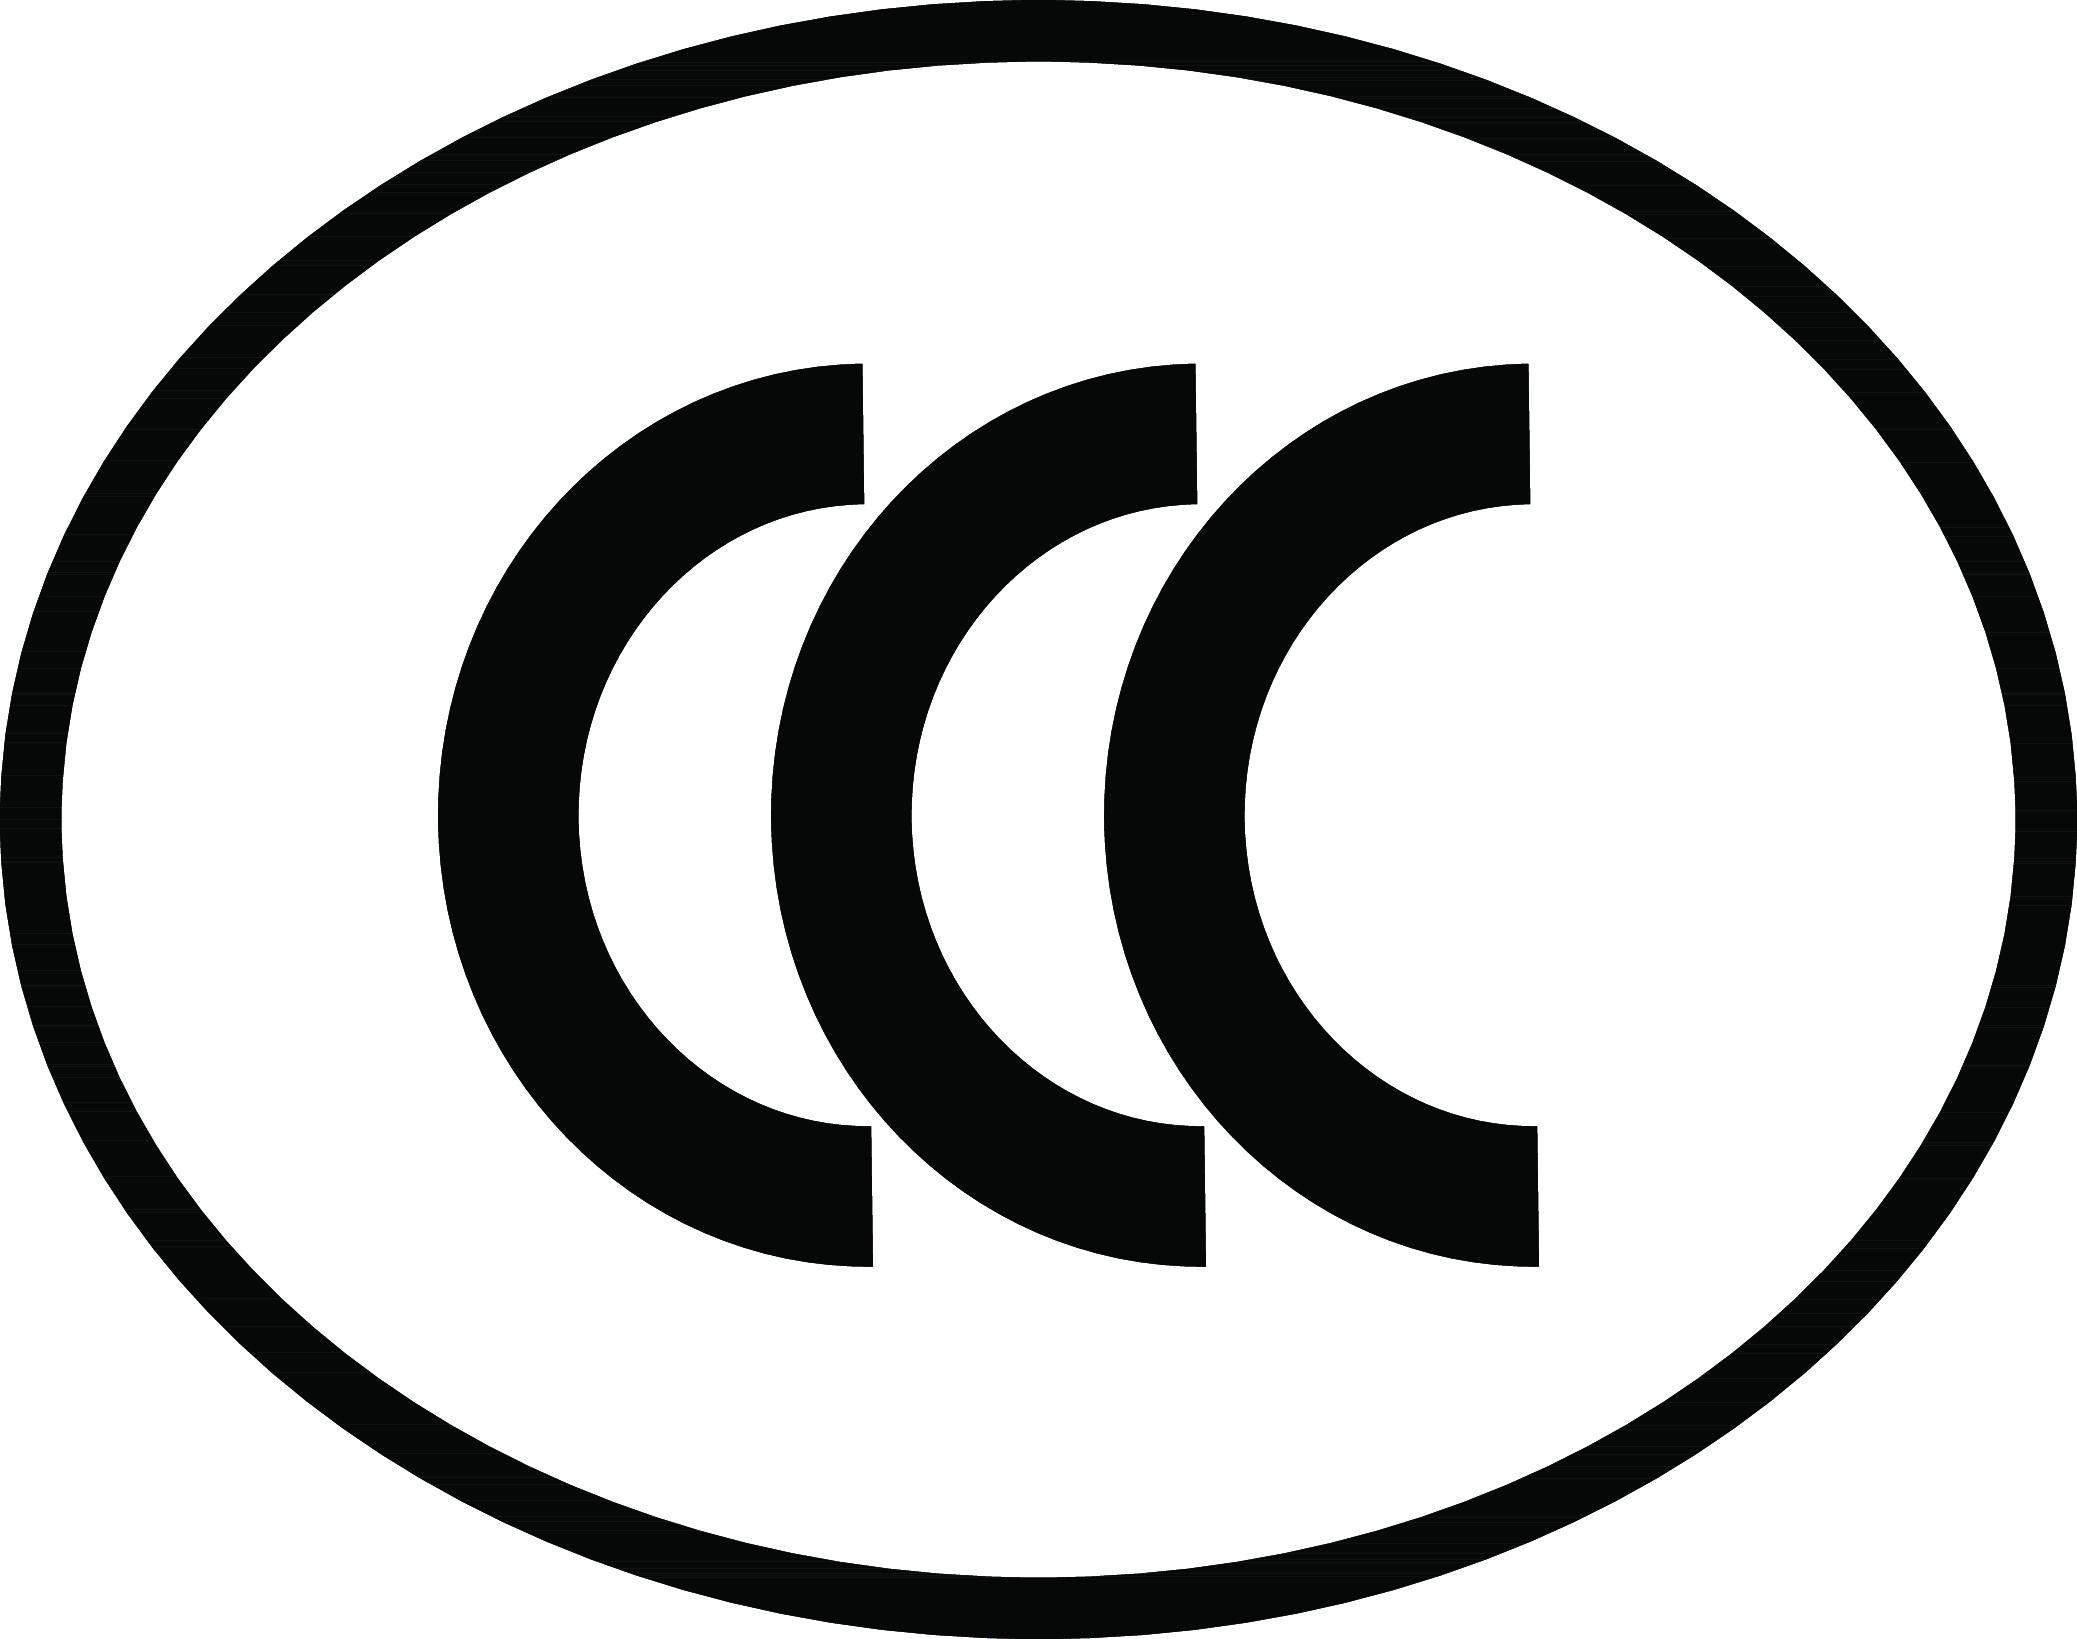 CCC_2020980305000541_CQC2008010305306207